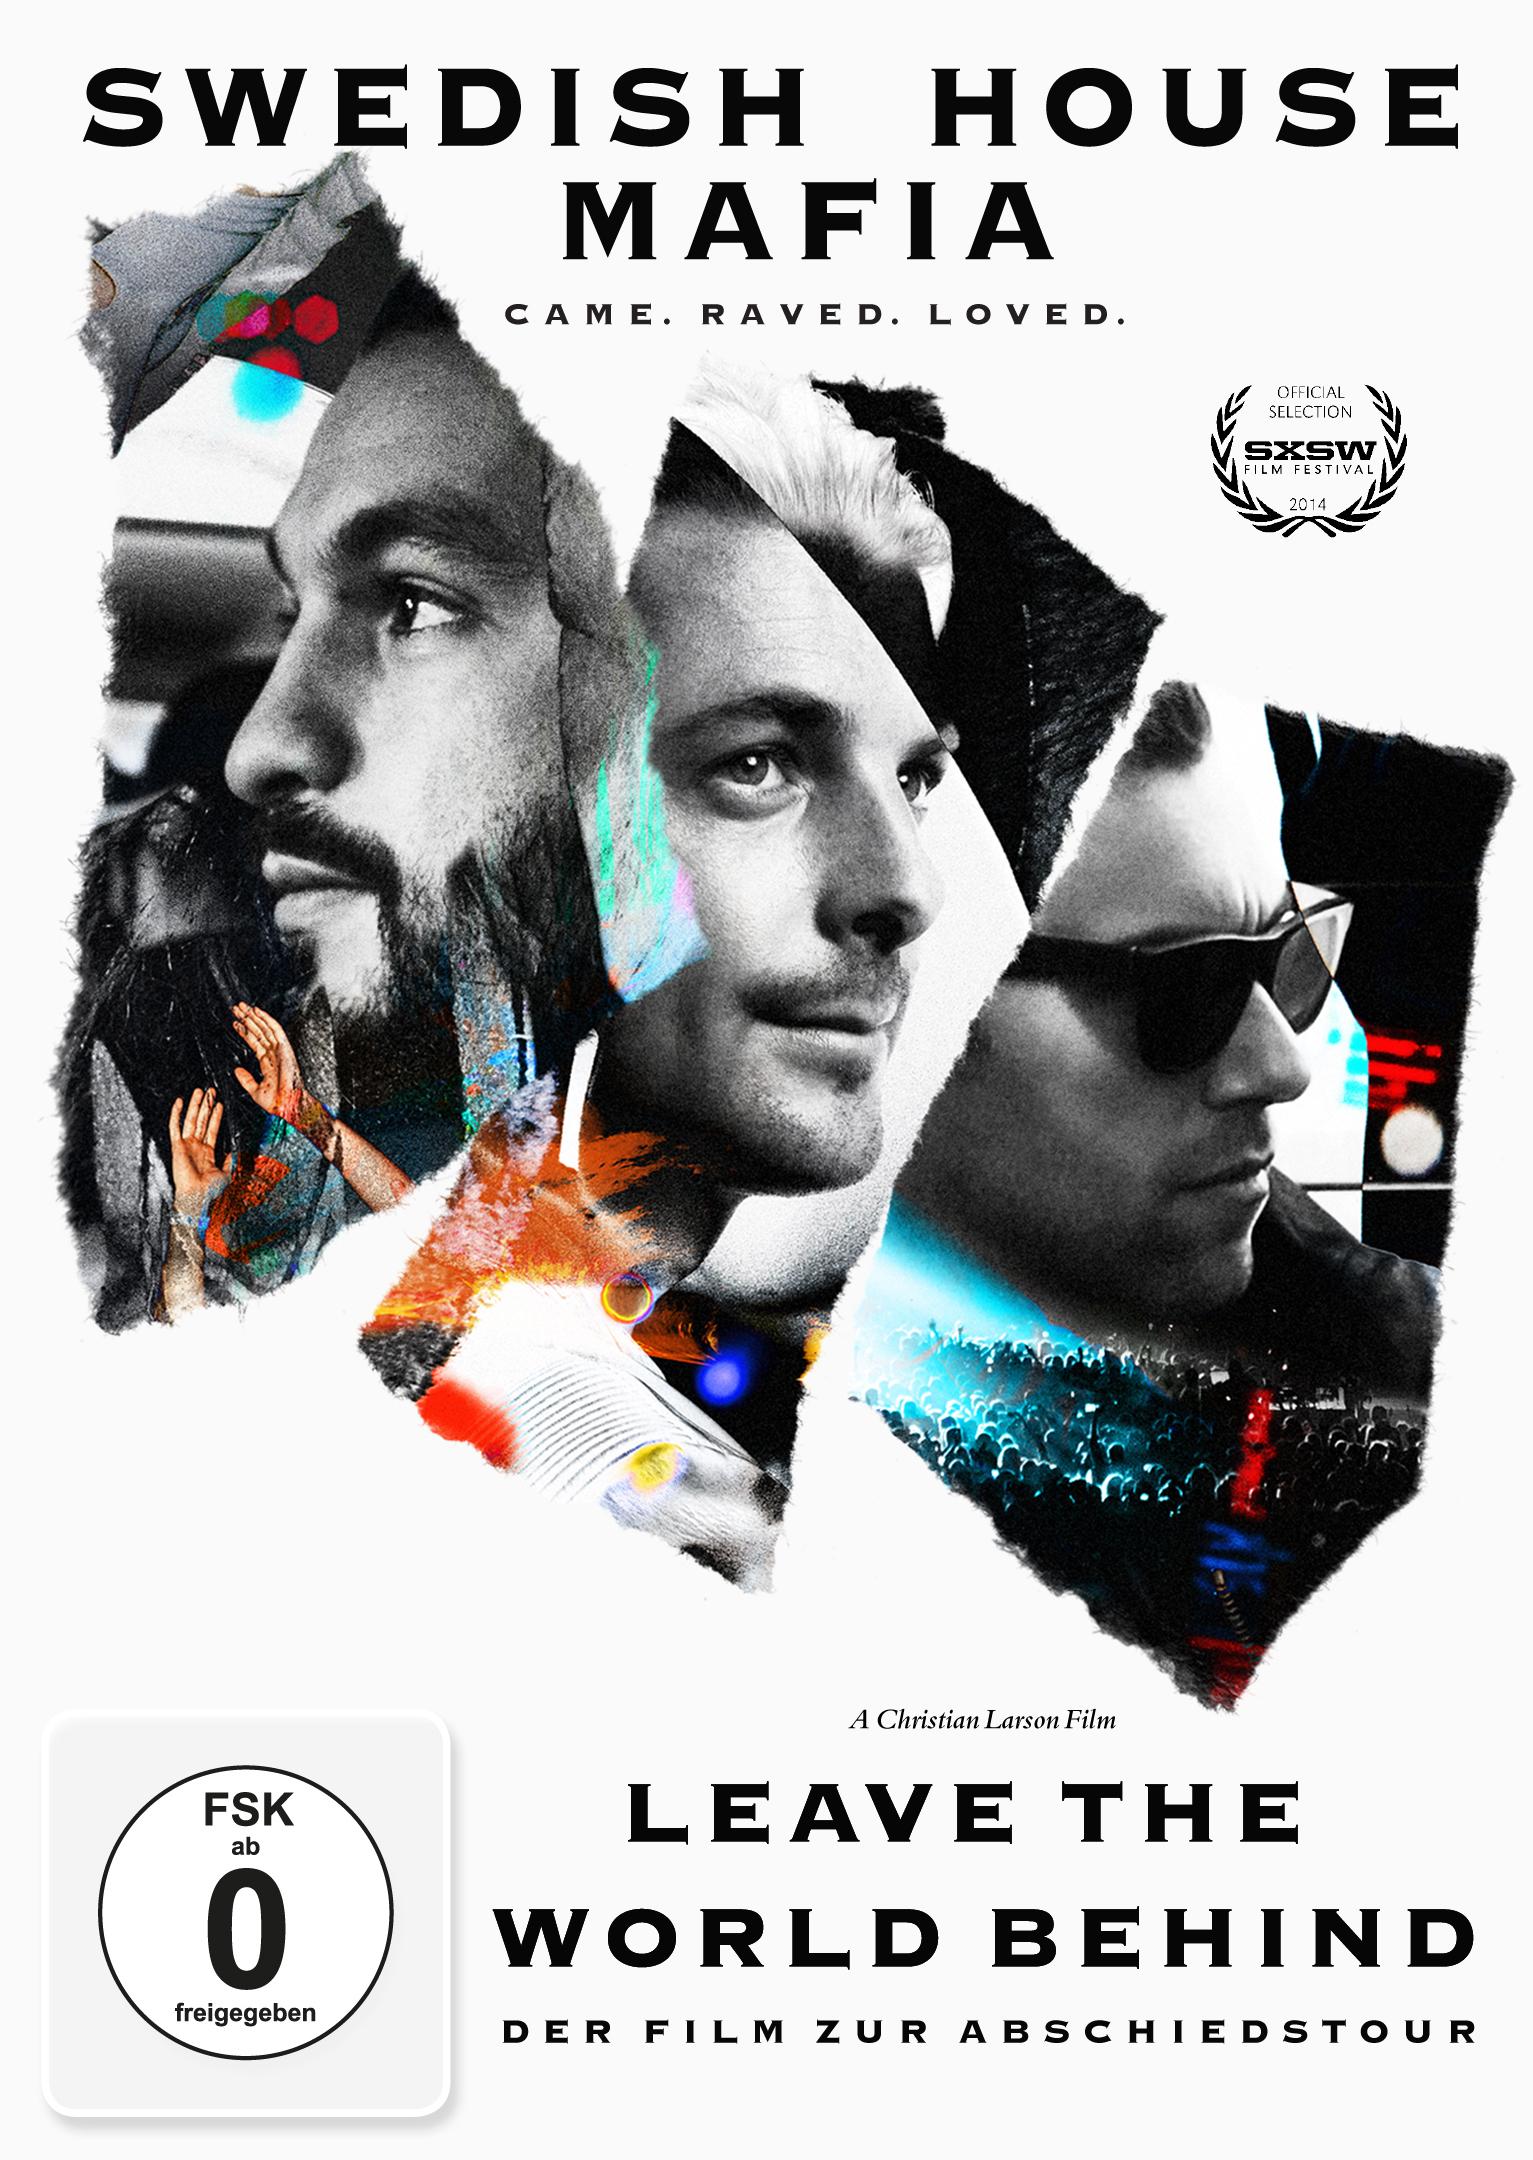 """Heute erscheint die DVD / Blu-ray """"Leave The World Behind"""" der Swedish House Mafia"""